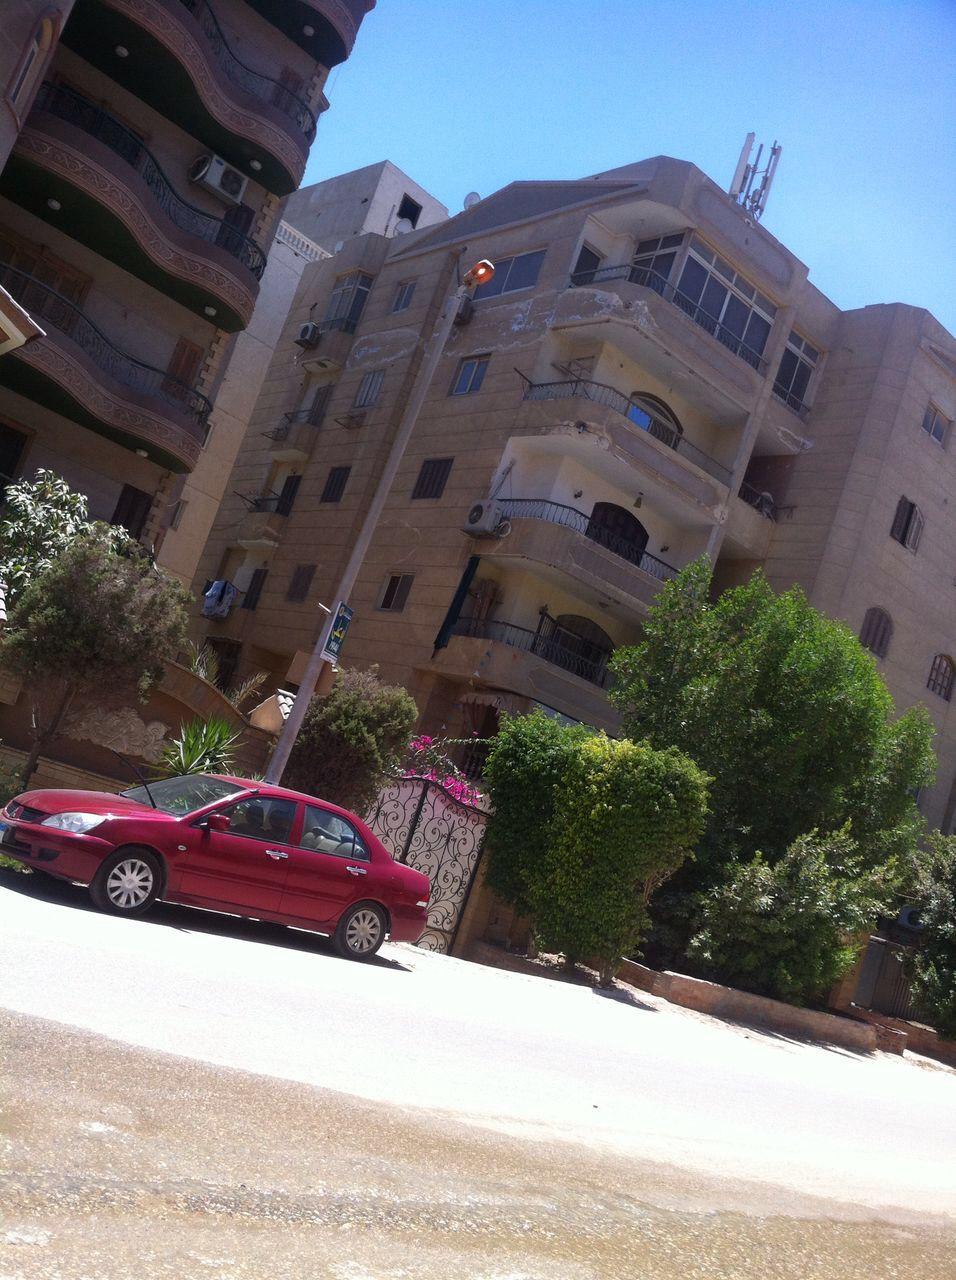 بالصور.. مواطن يرصد إهدار الكهرباء في هضبة الأهرام بإنارة أعمدة الإنارة نهارًا